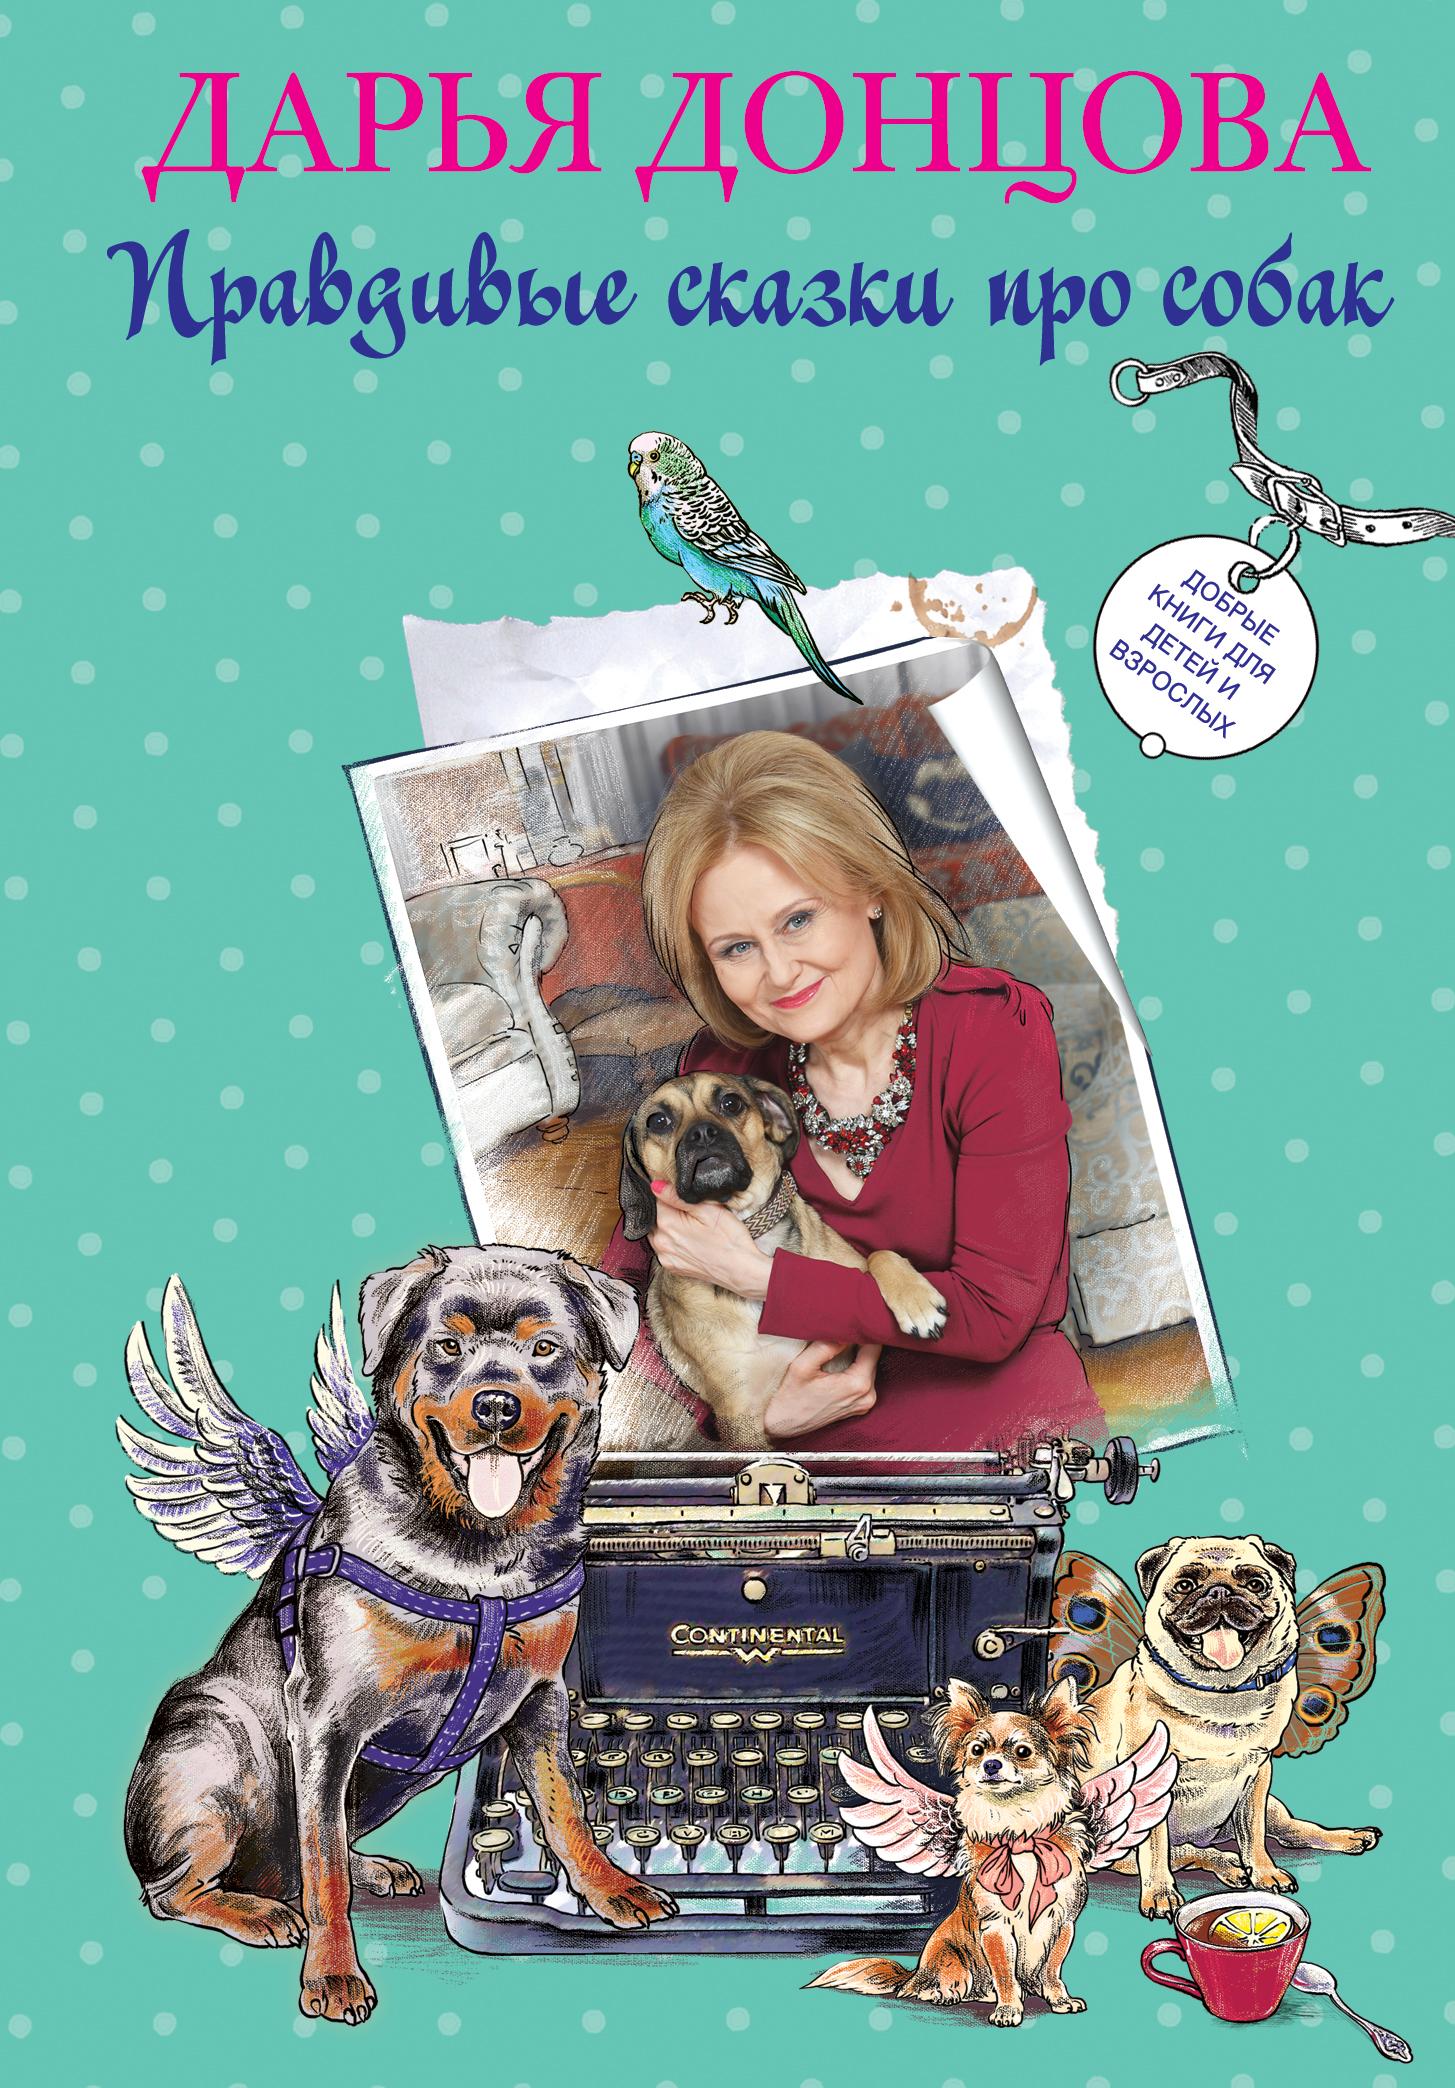 Донцова Дарья Аркадьевна Добрые книги для детей и взрослых. Правдивые сказки про собак